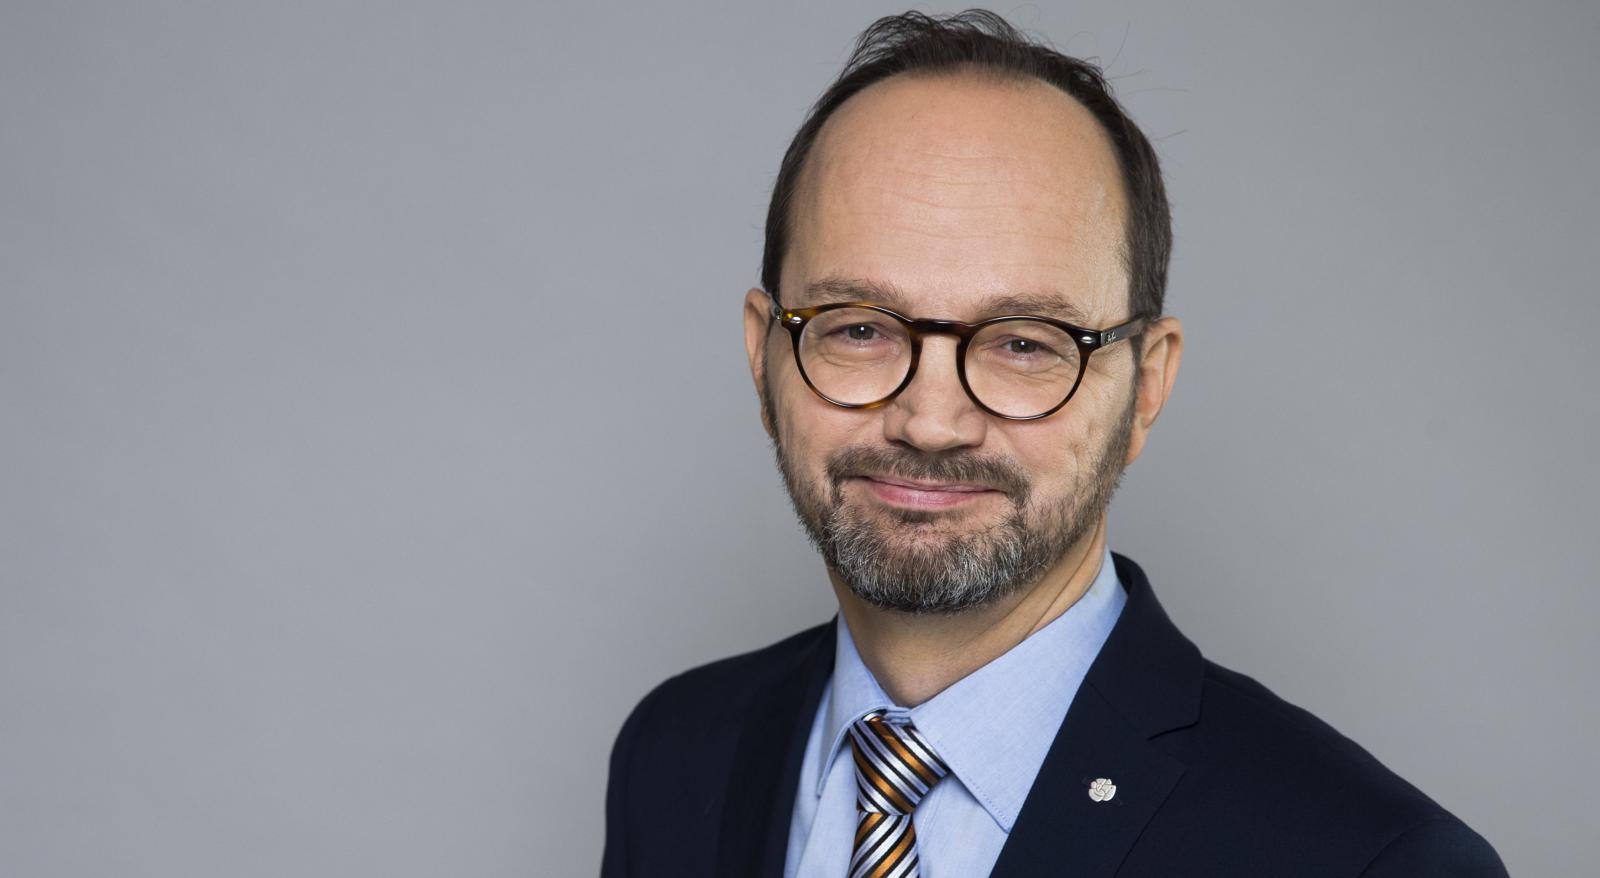 Tomas Eneroth (S) är infrastrukturminister. Foto: Kristian Pohl